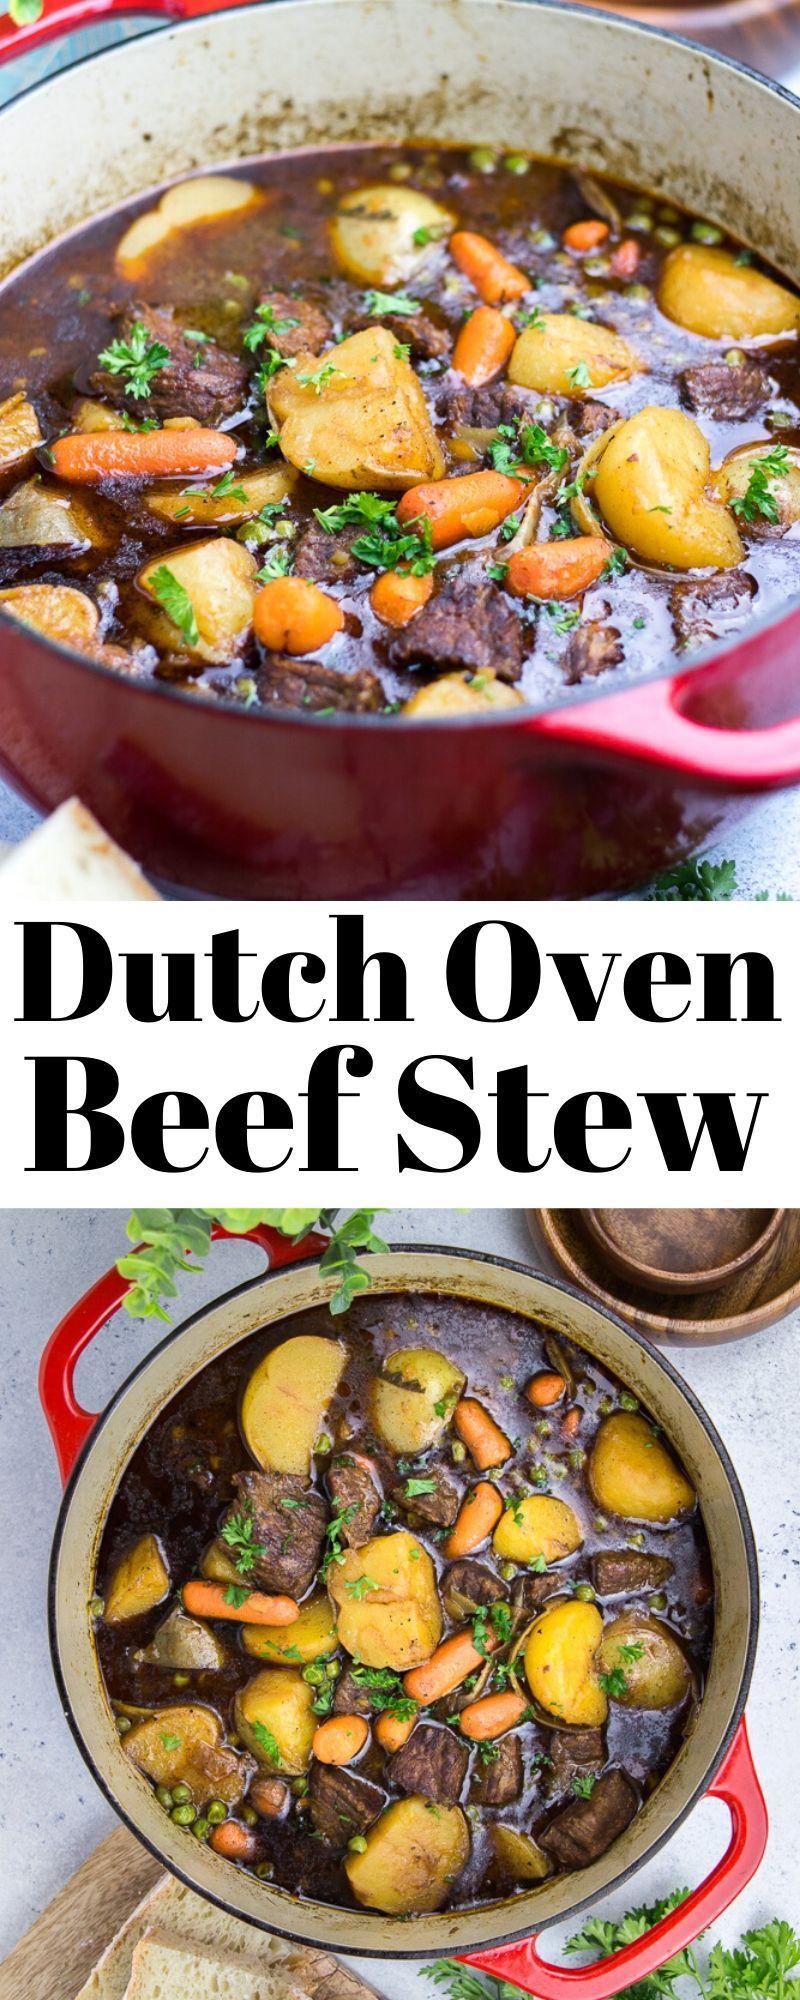 Dutch Oven Beef Stew Veronika S Kitchen Recipe Dutch Oven Beef Stew Oven Beef Stew Oven Recipes Healthy